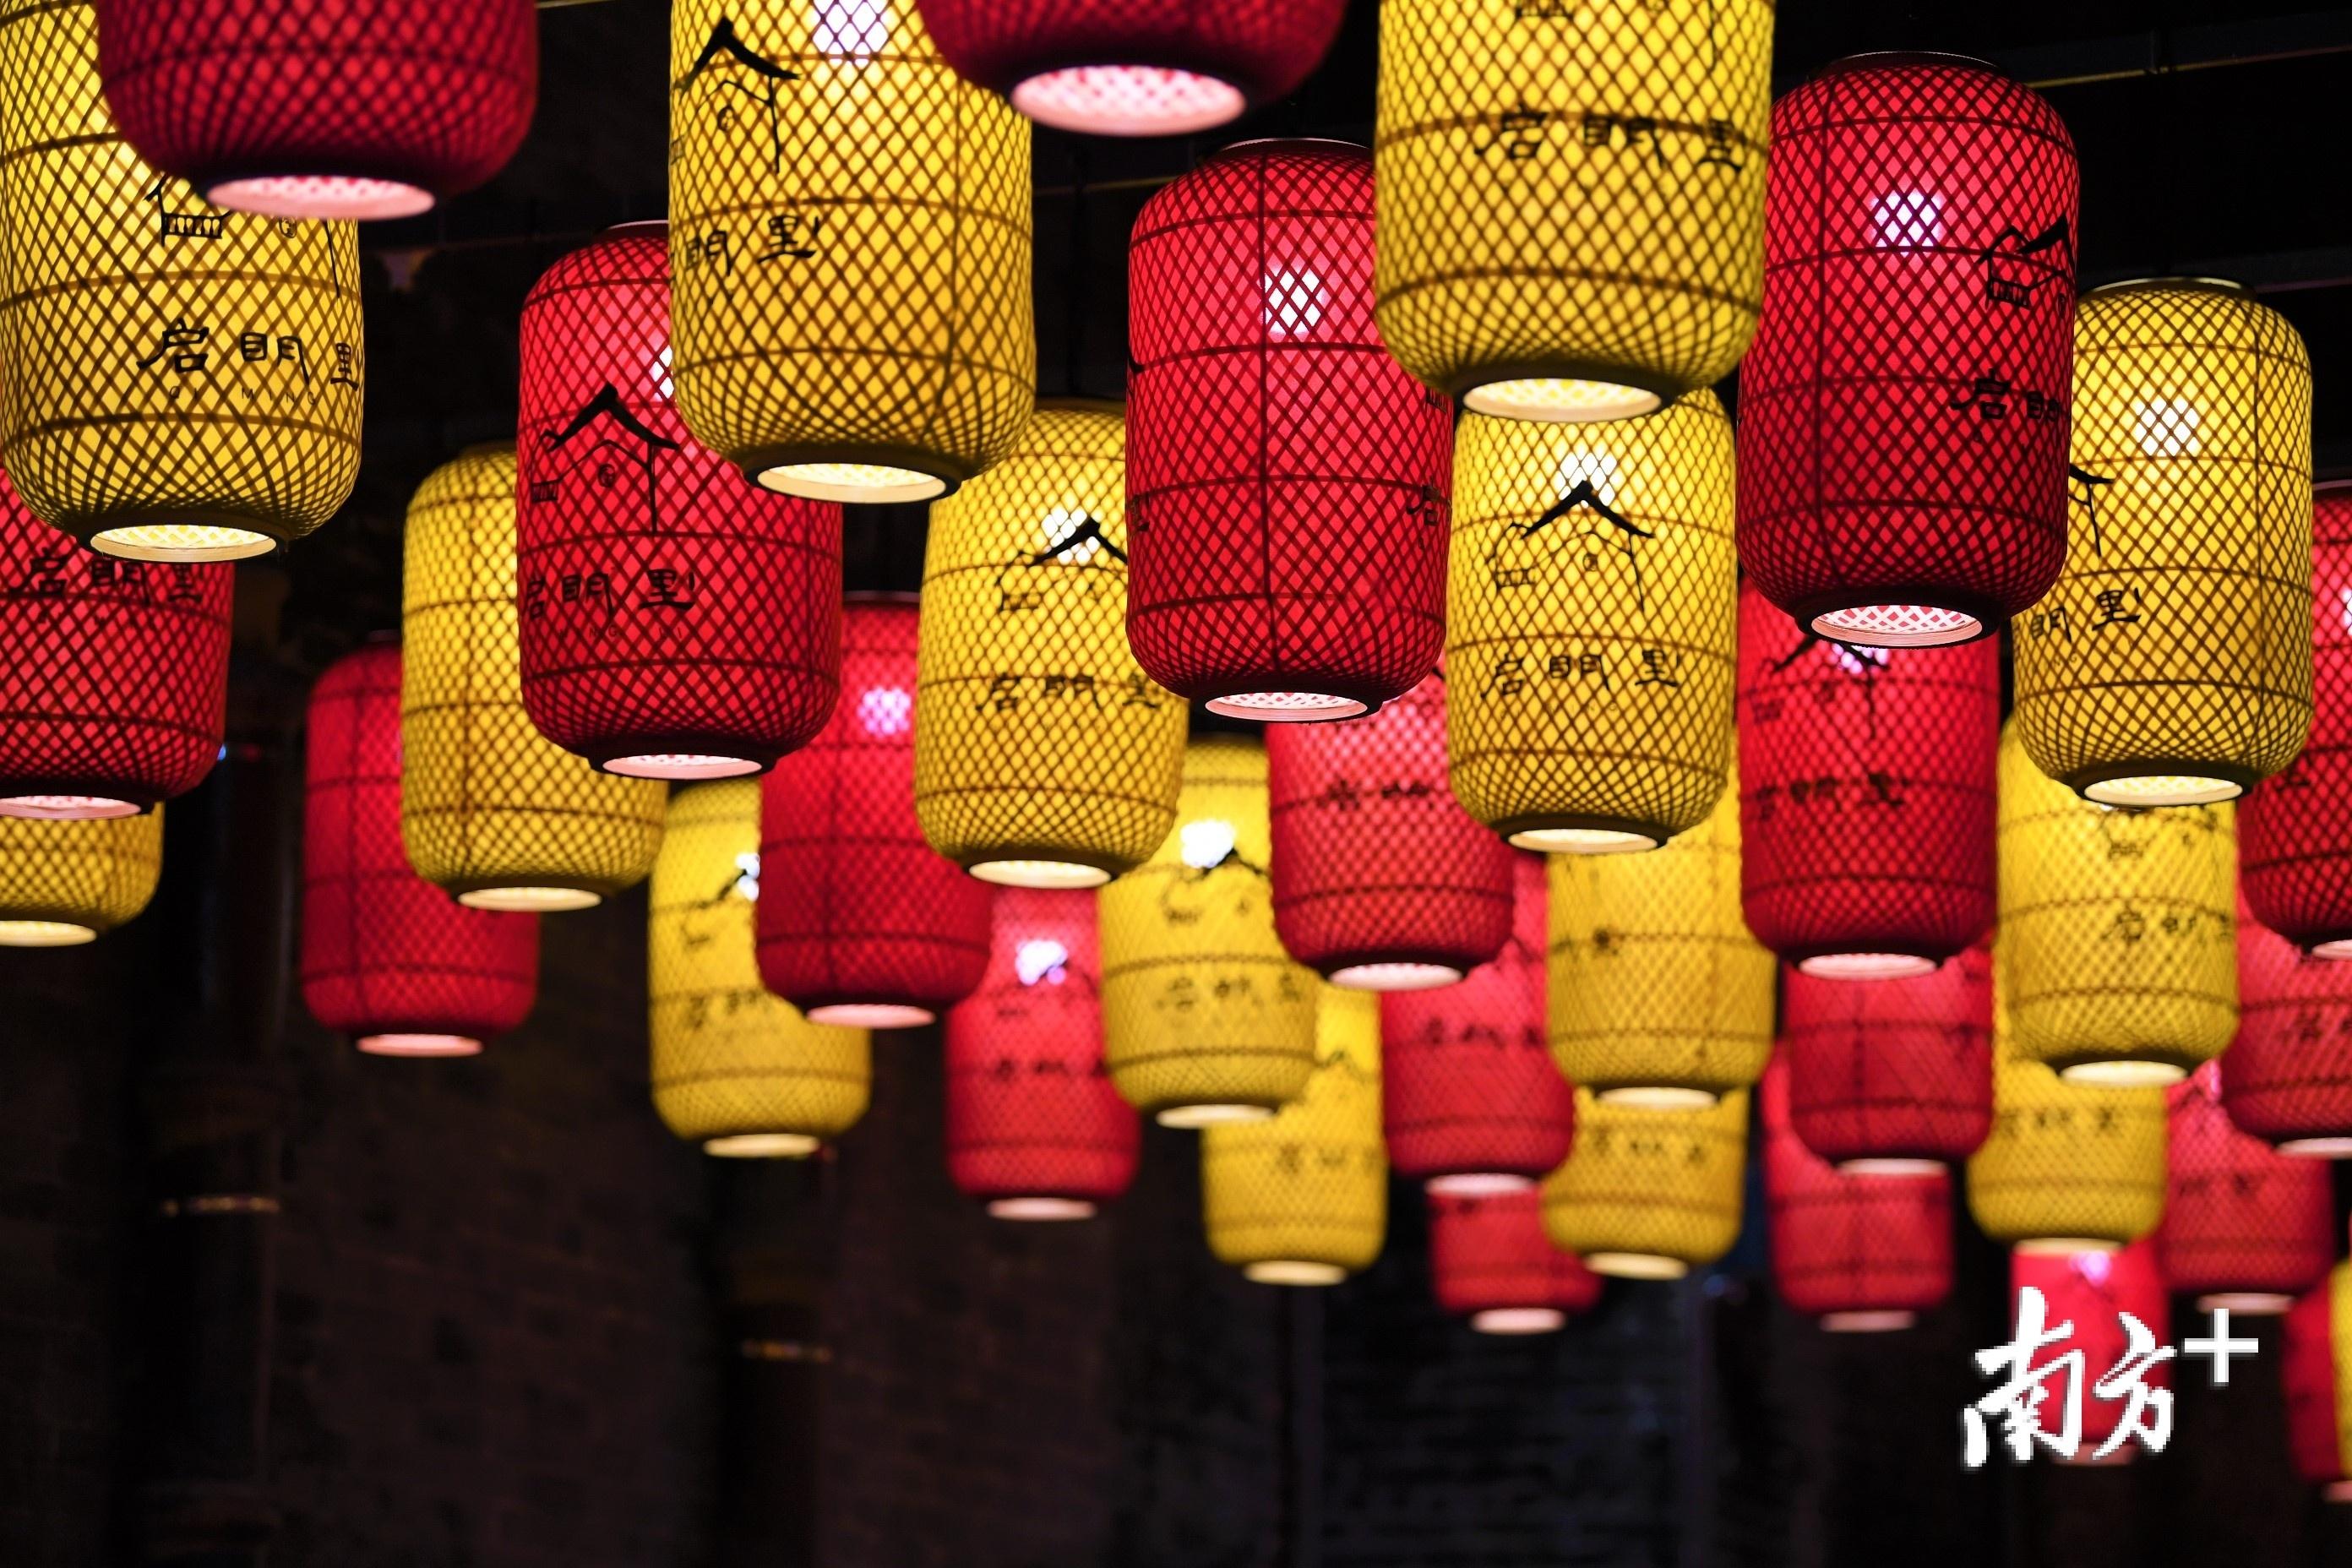 每一盏灯笼,都有一个启明里的故事。杨兴乐 摄